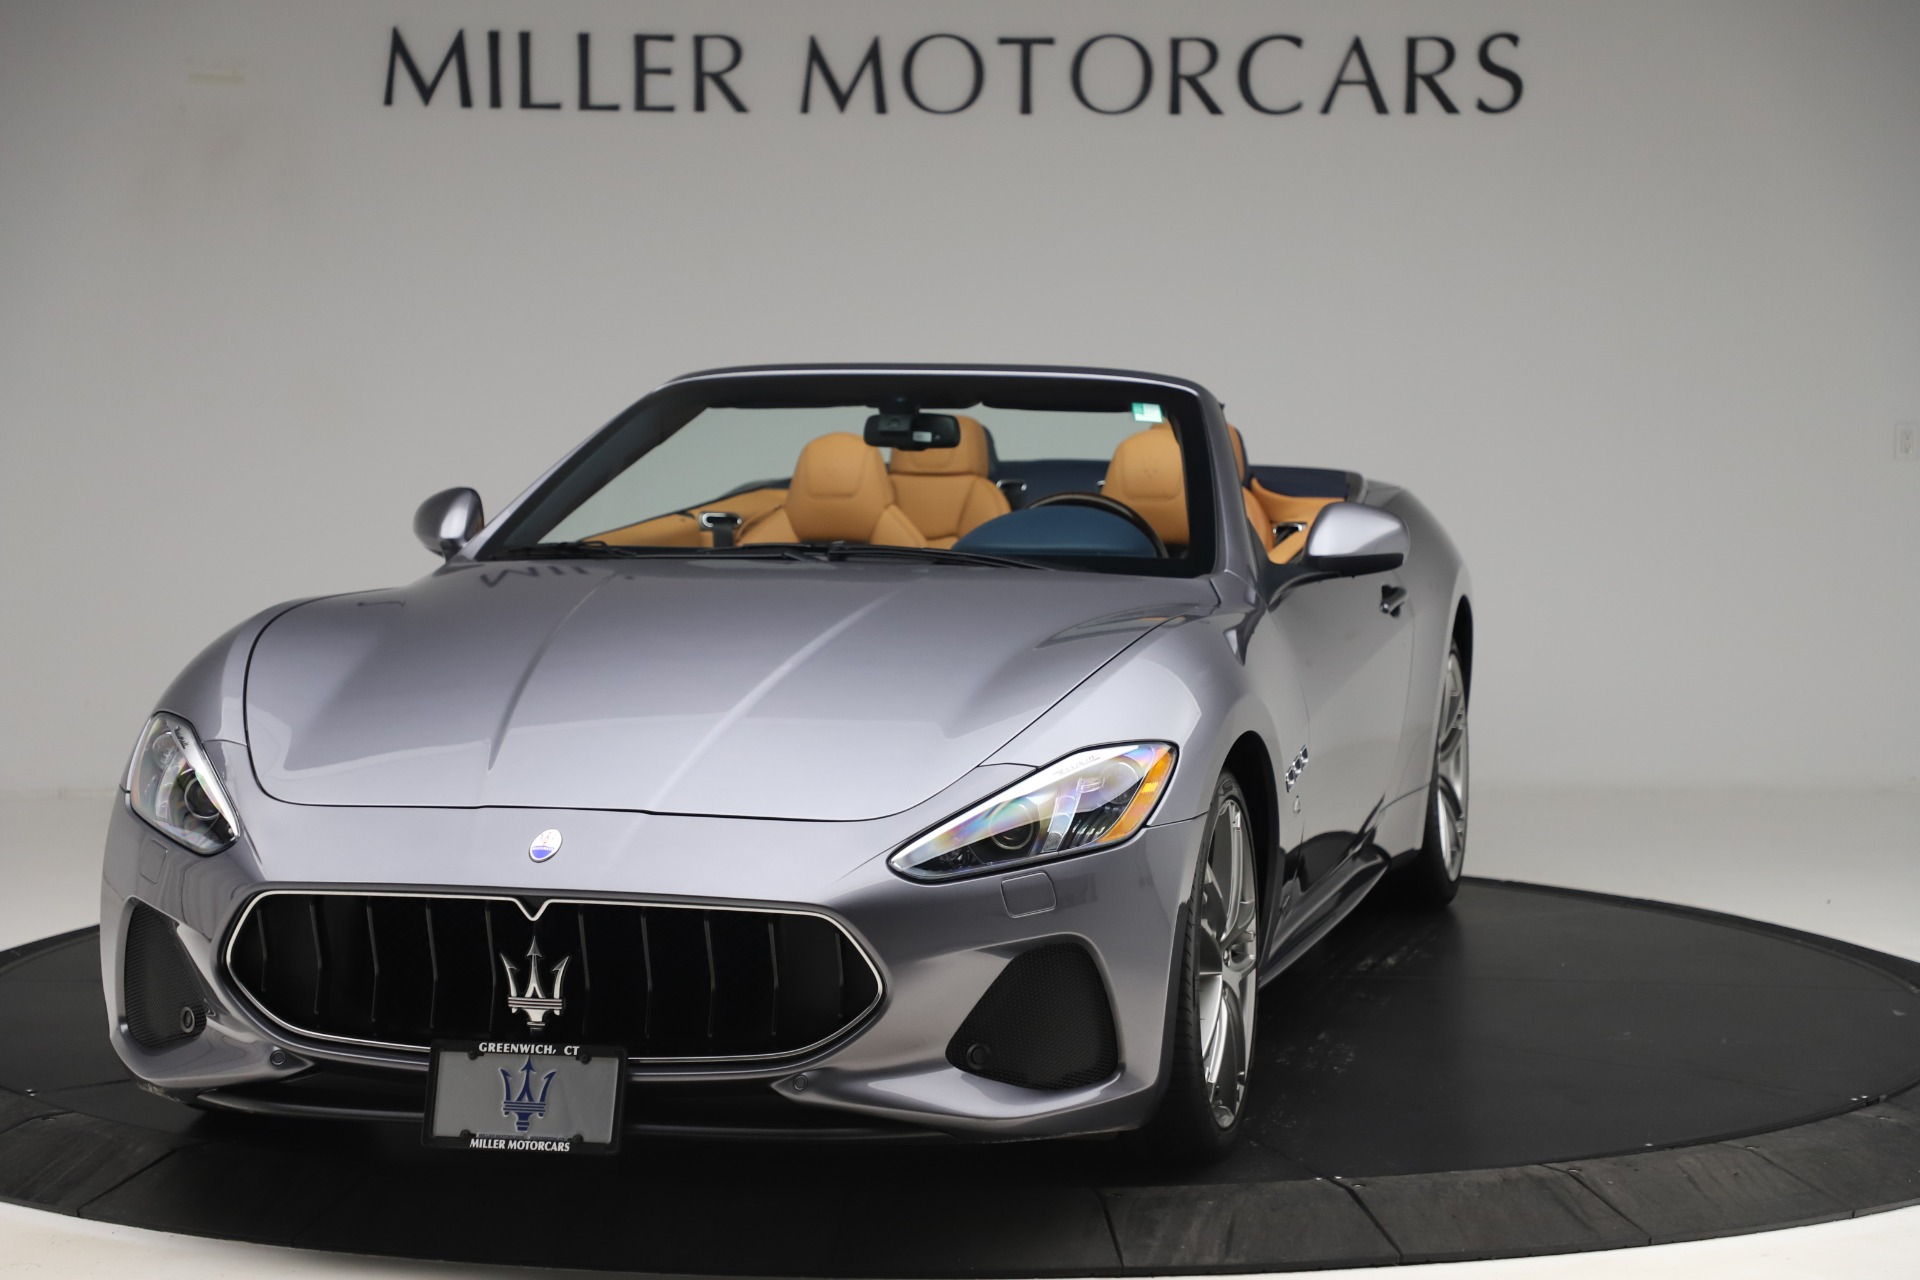 Used 2018 Maserati GranTurismo Sport Convertible for sale Sold at Bugatti of Greenwich in Greenwich CT 06830 1